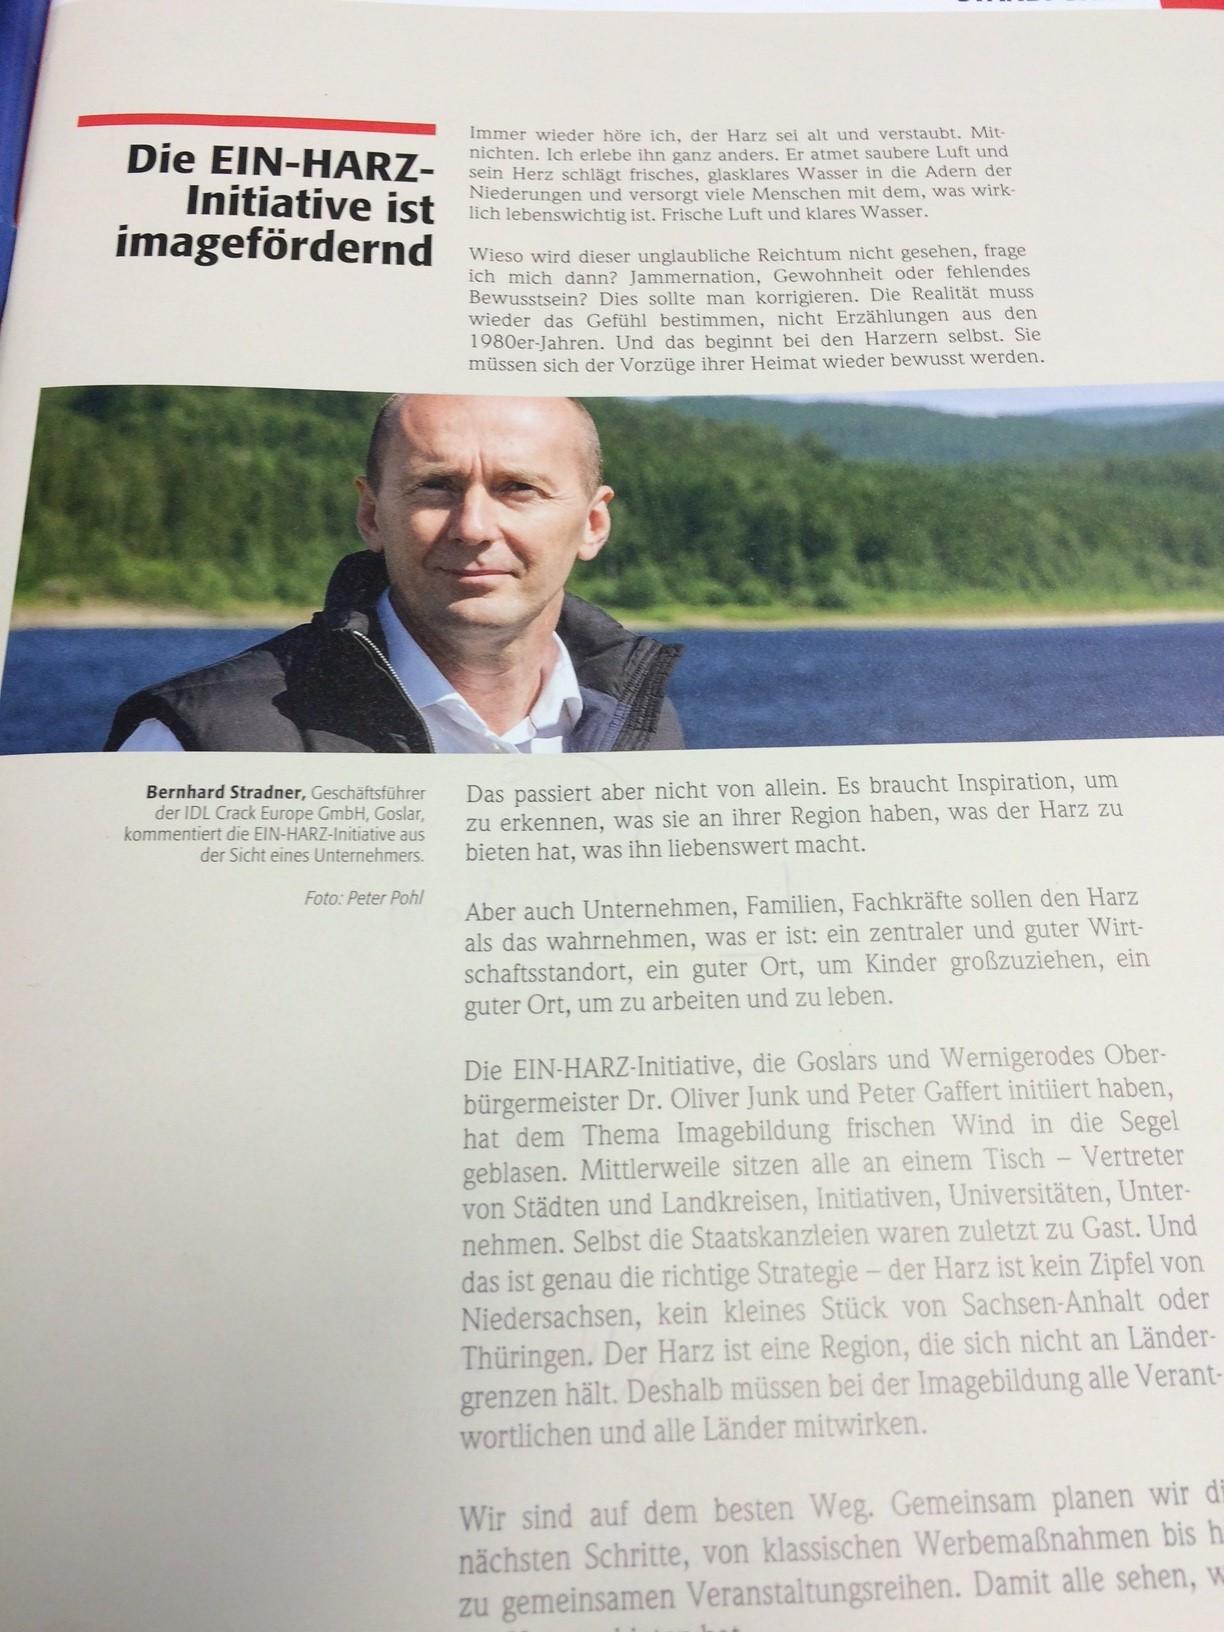 Quelle: IHK-Zeitschrift Braunschweig, Juli 2016